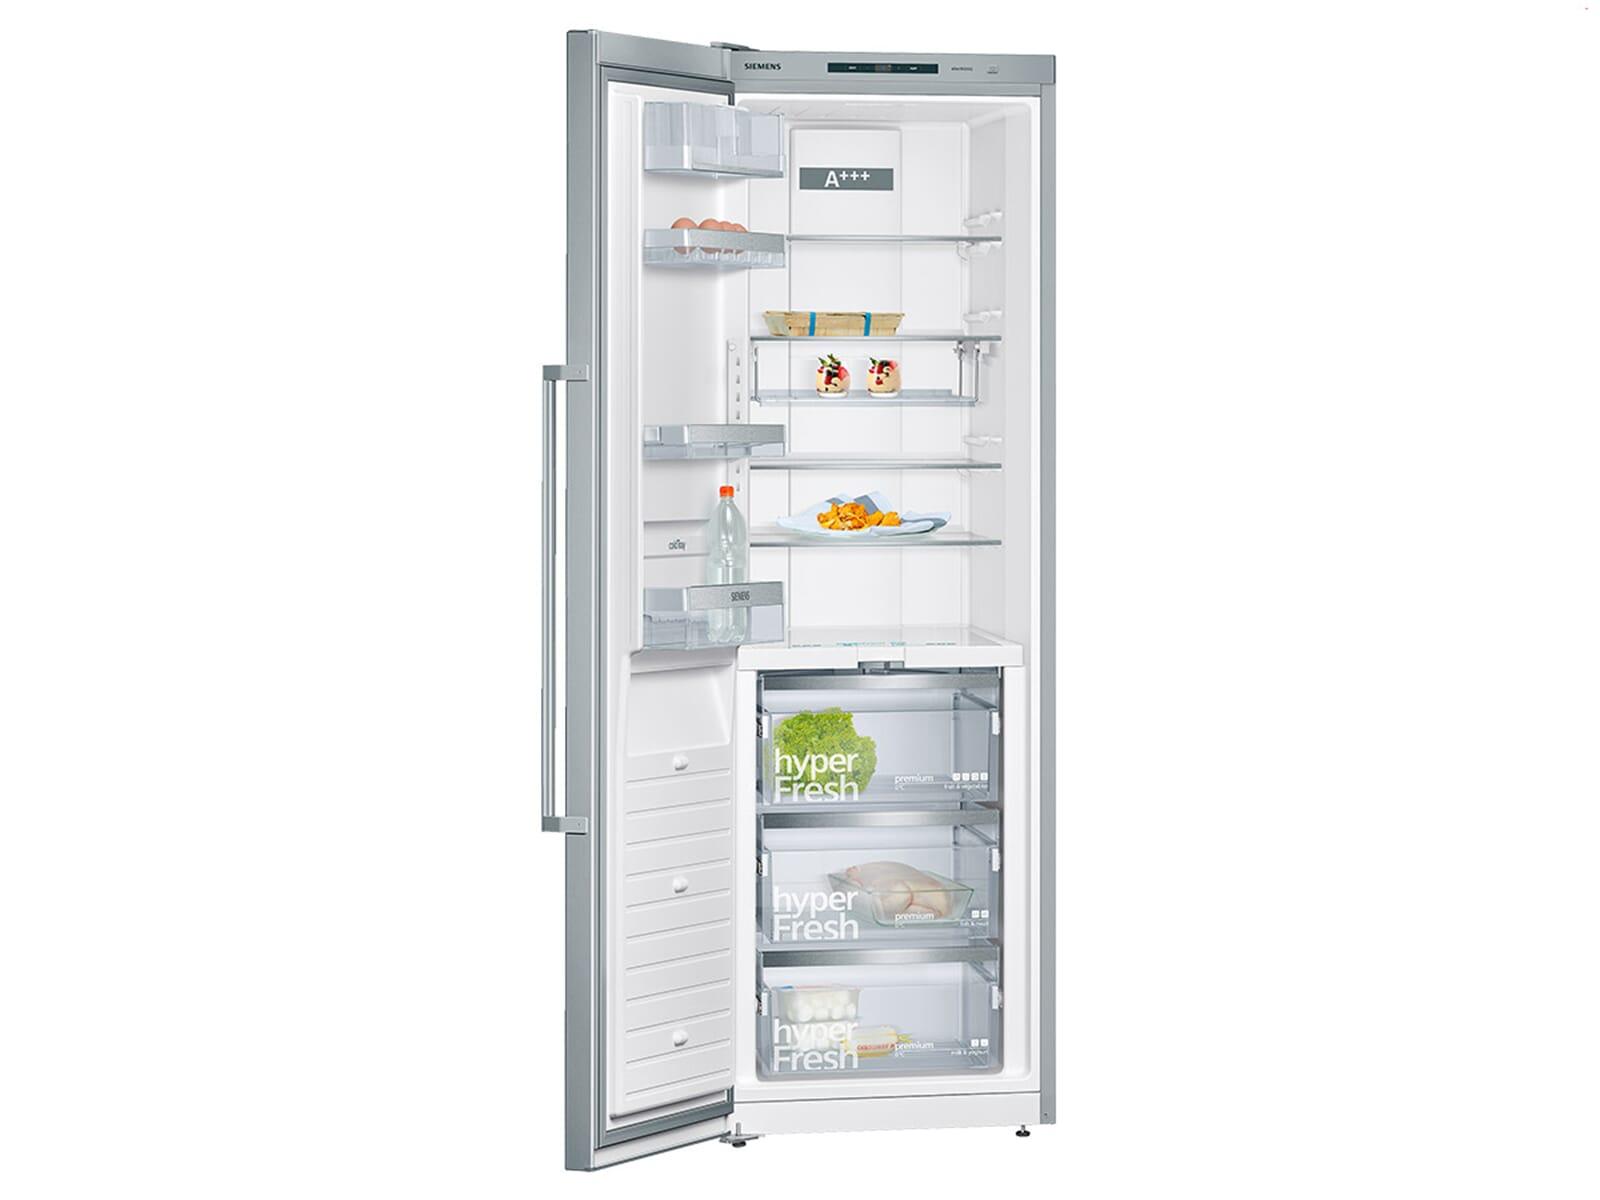 Siemens ks36fpi40 standkuhlschrank edelstahl for Siemens standkühlschrank